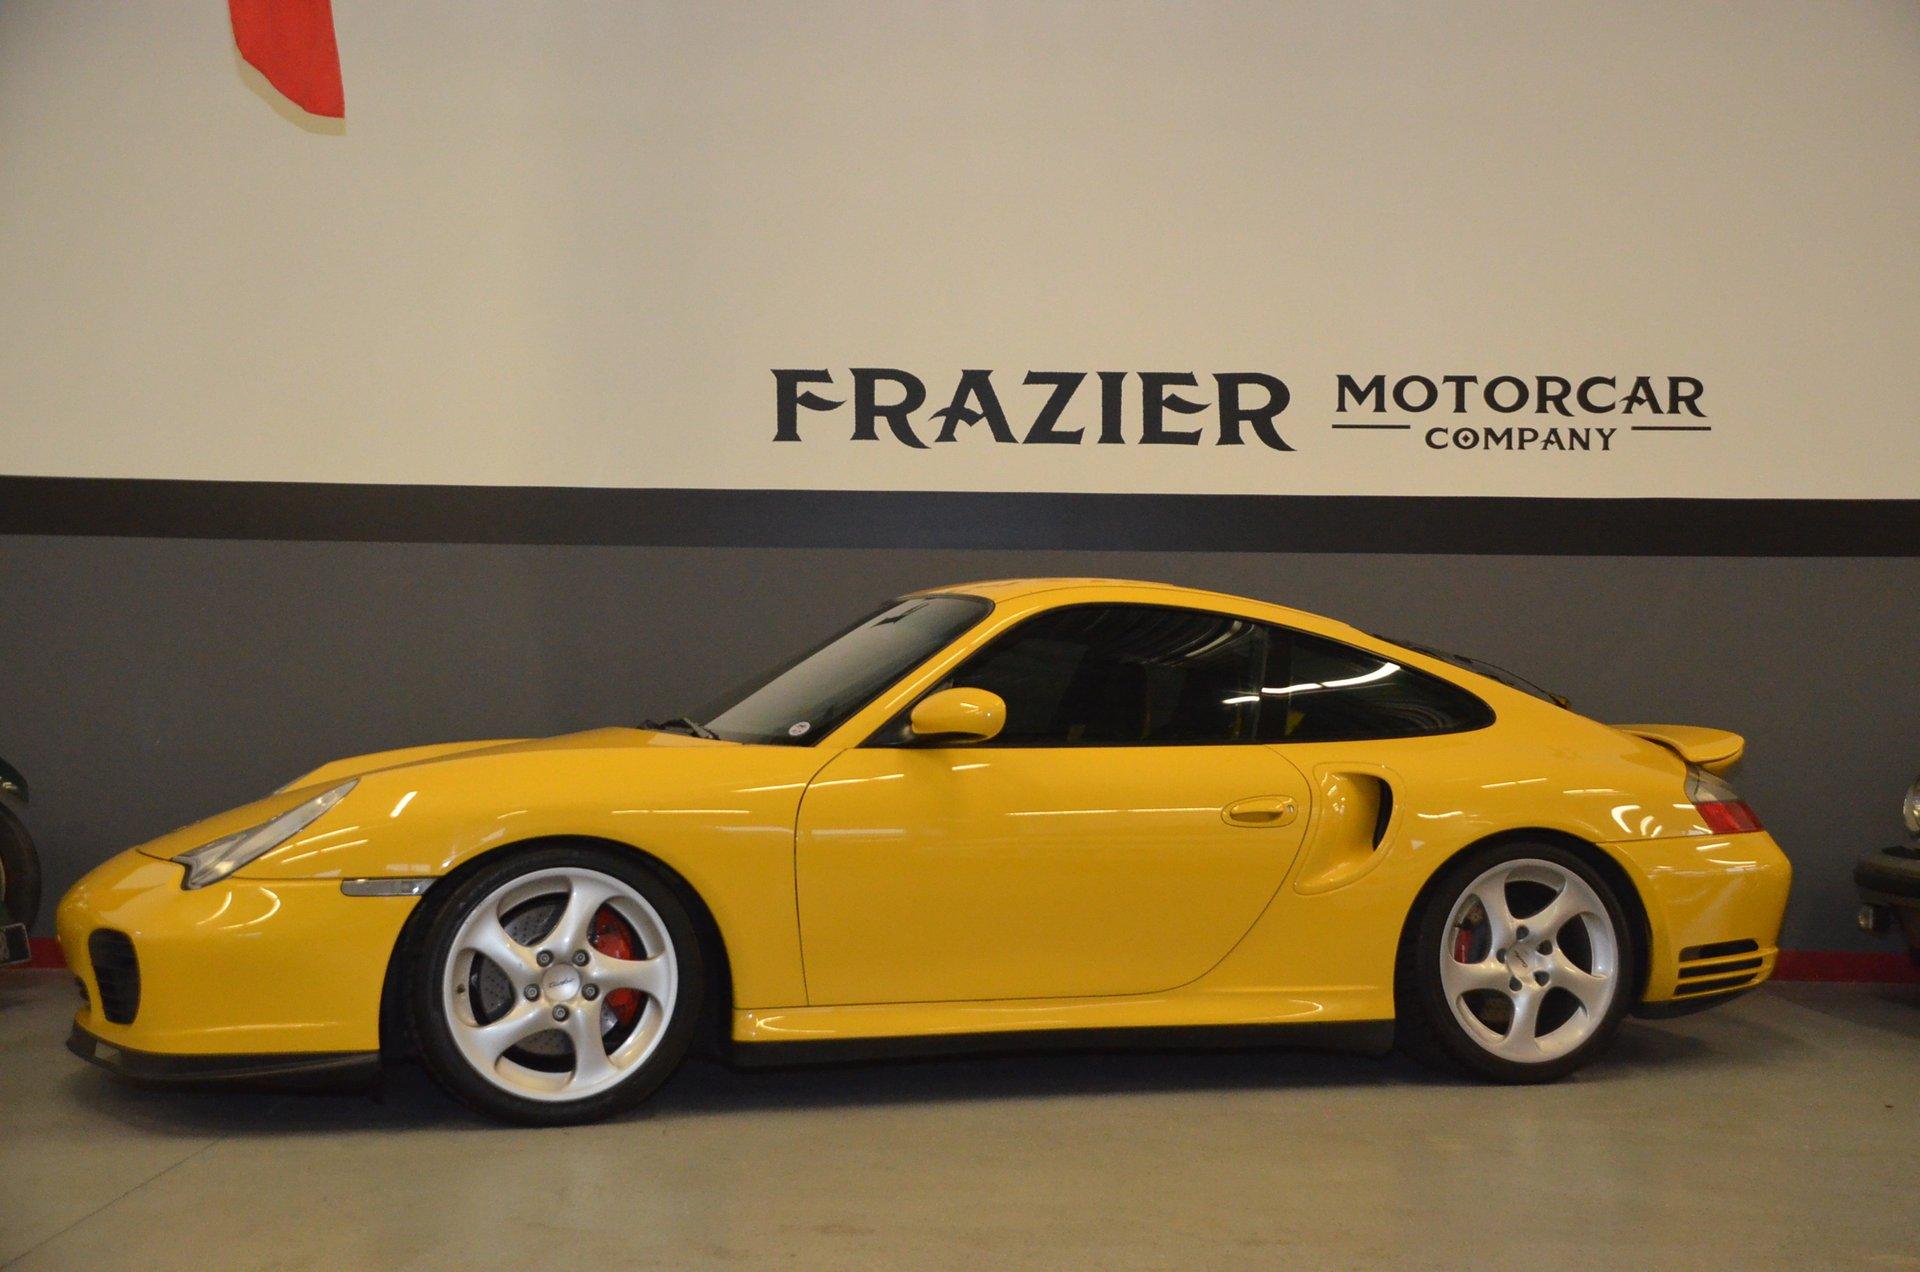 2002 Porsche 996 Frazier Motorcar Company